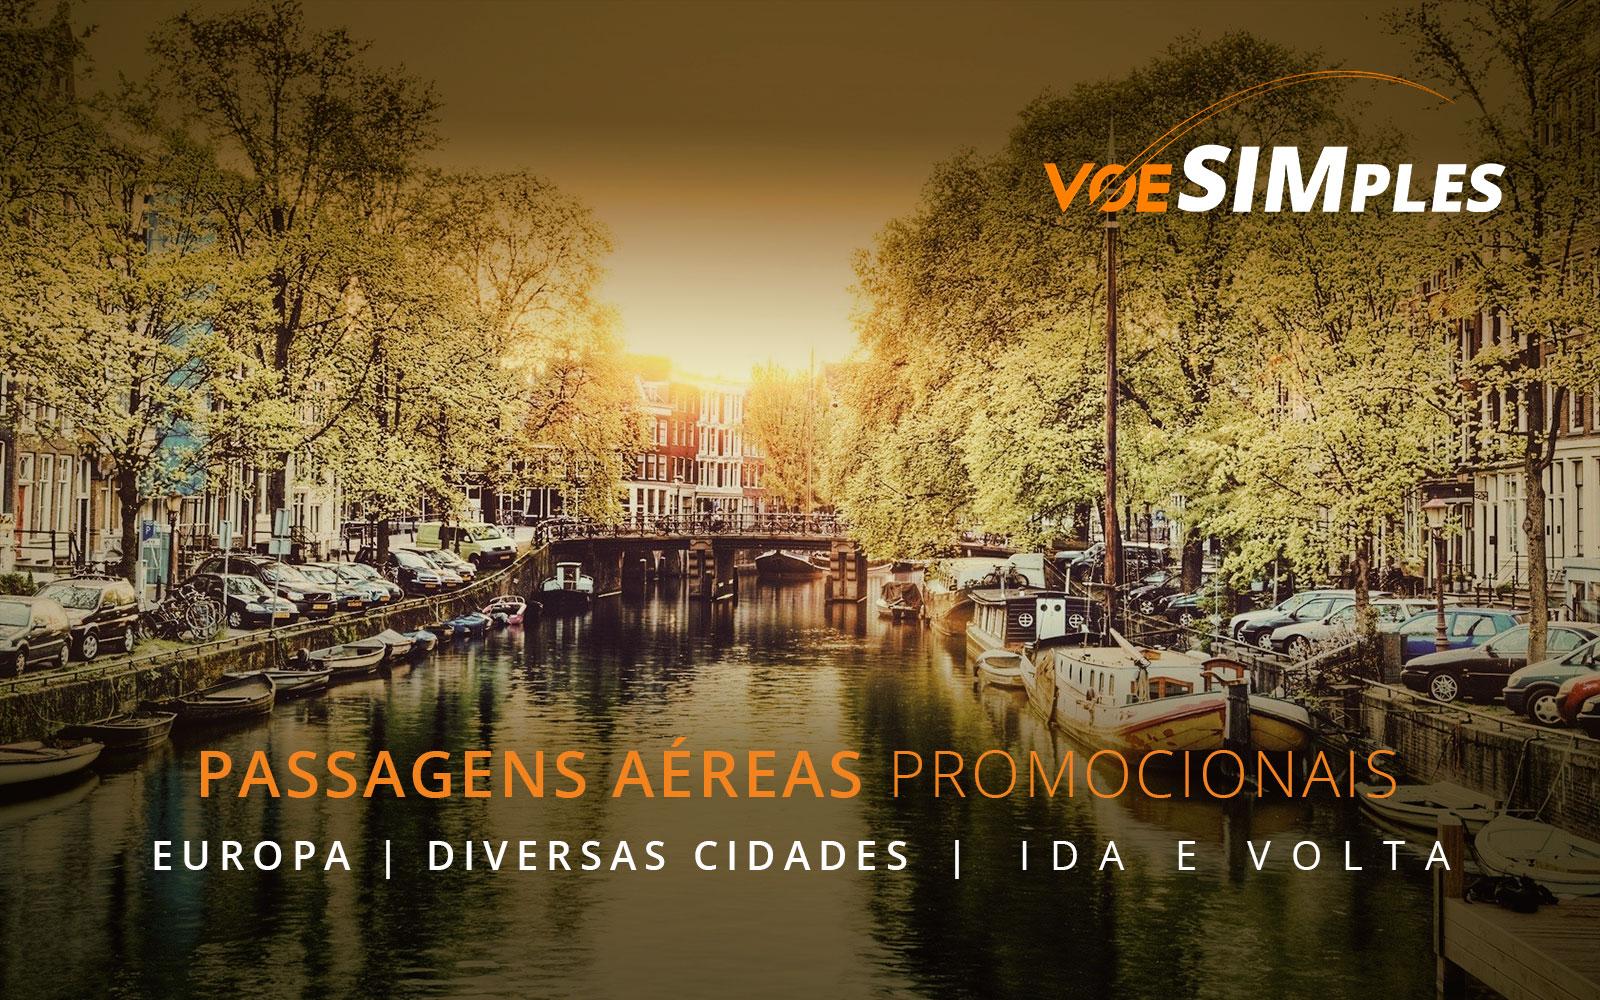 Passagens aéreas promocionais para Londres, Paris e Barcelona na Europa